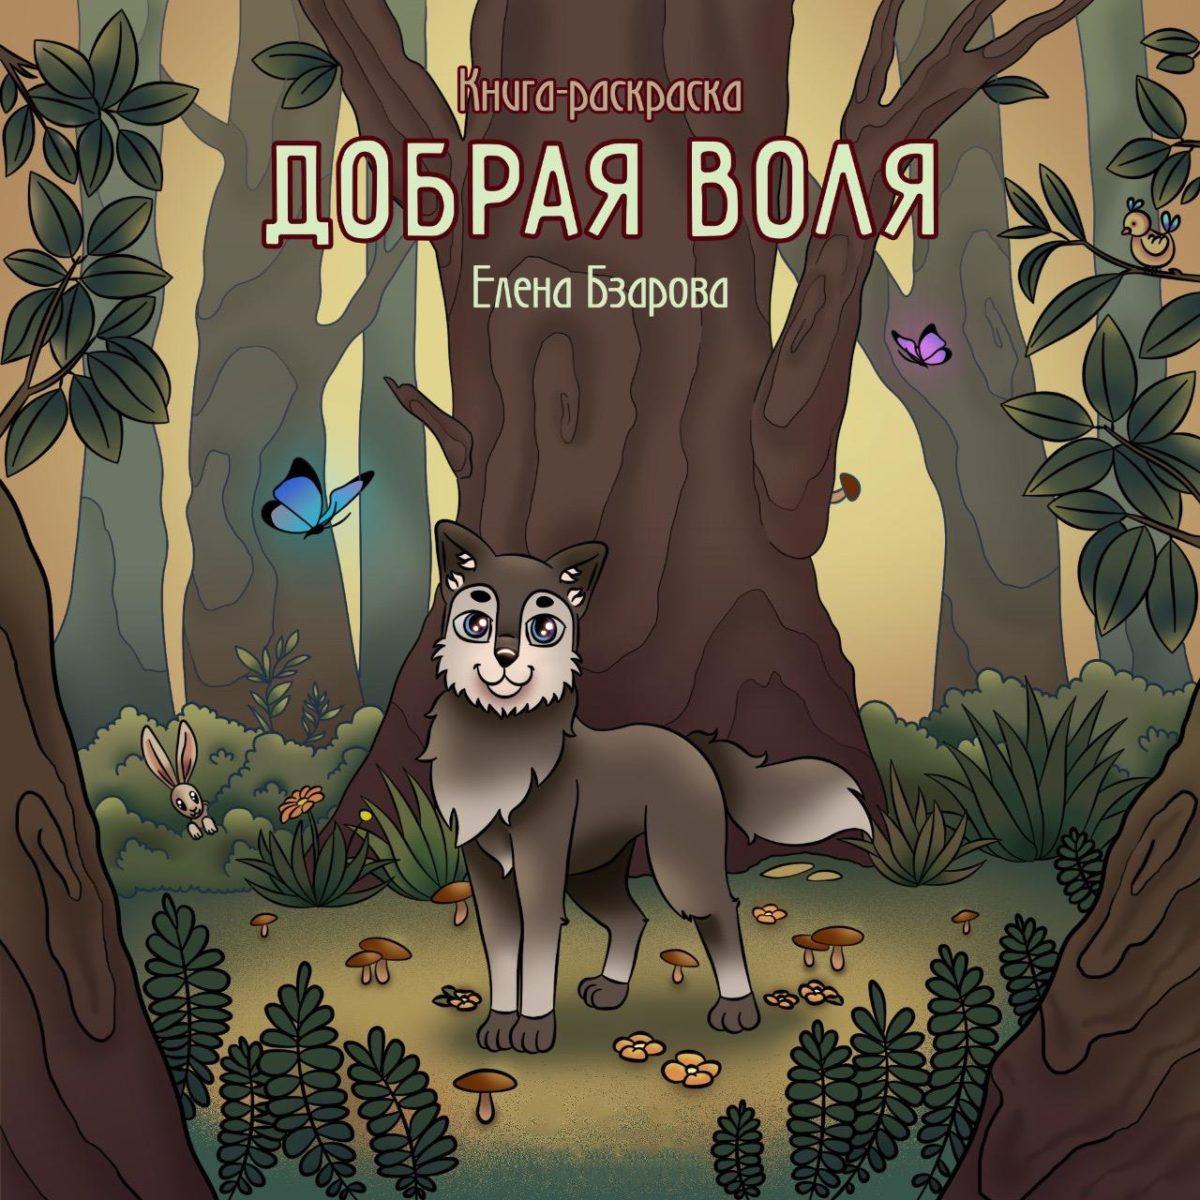 Волонтер из Северной Осетии написала книгу для детей о добровольческой деятельности